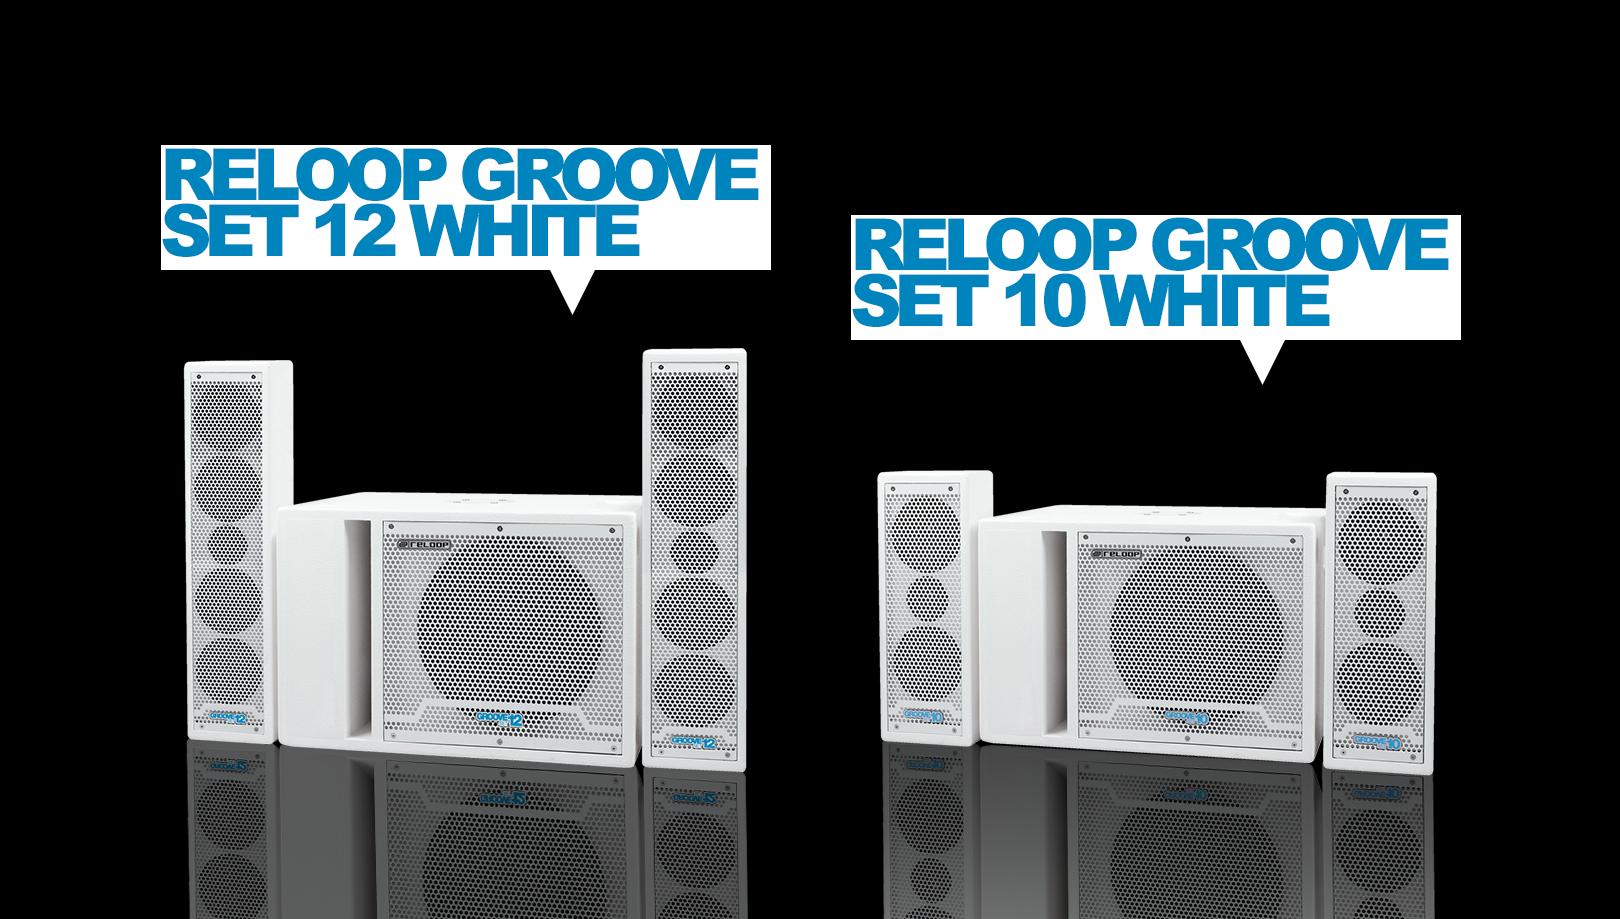 reloop-groove-set-10-12-white